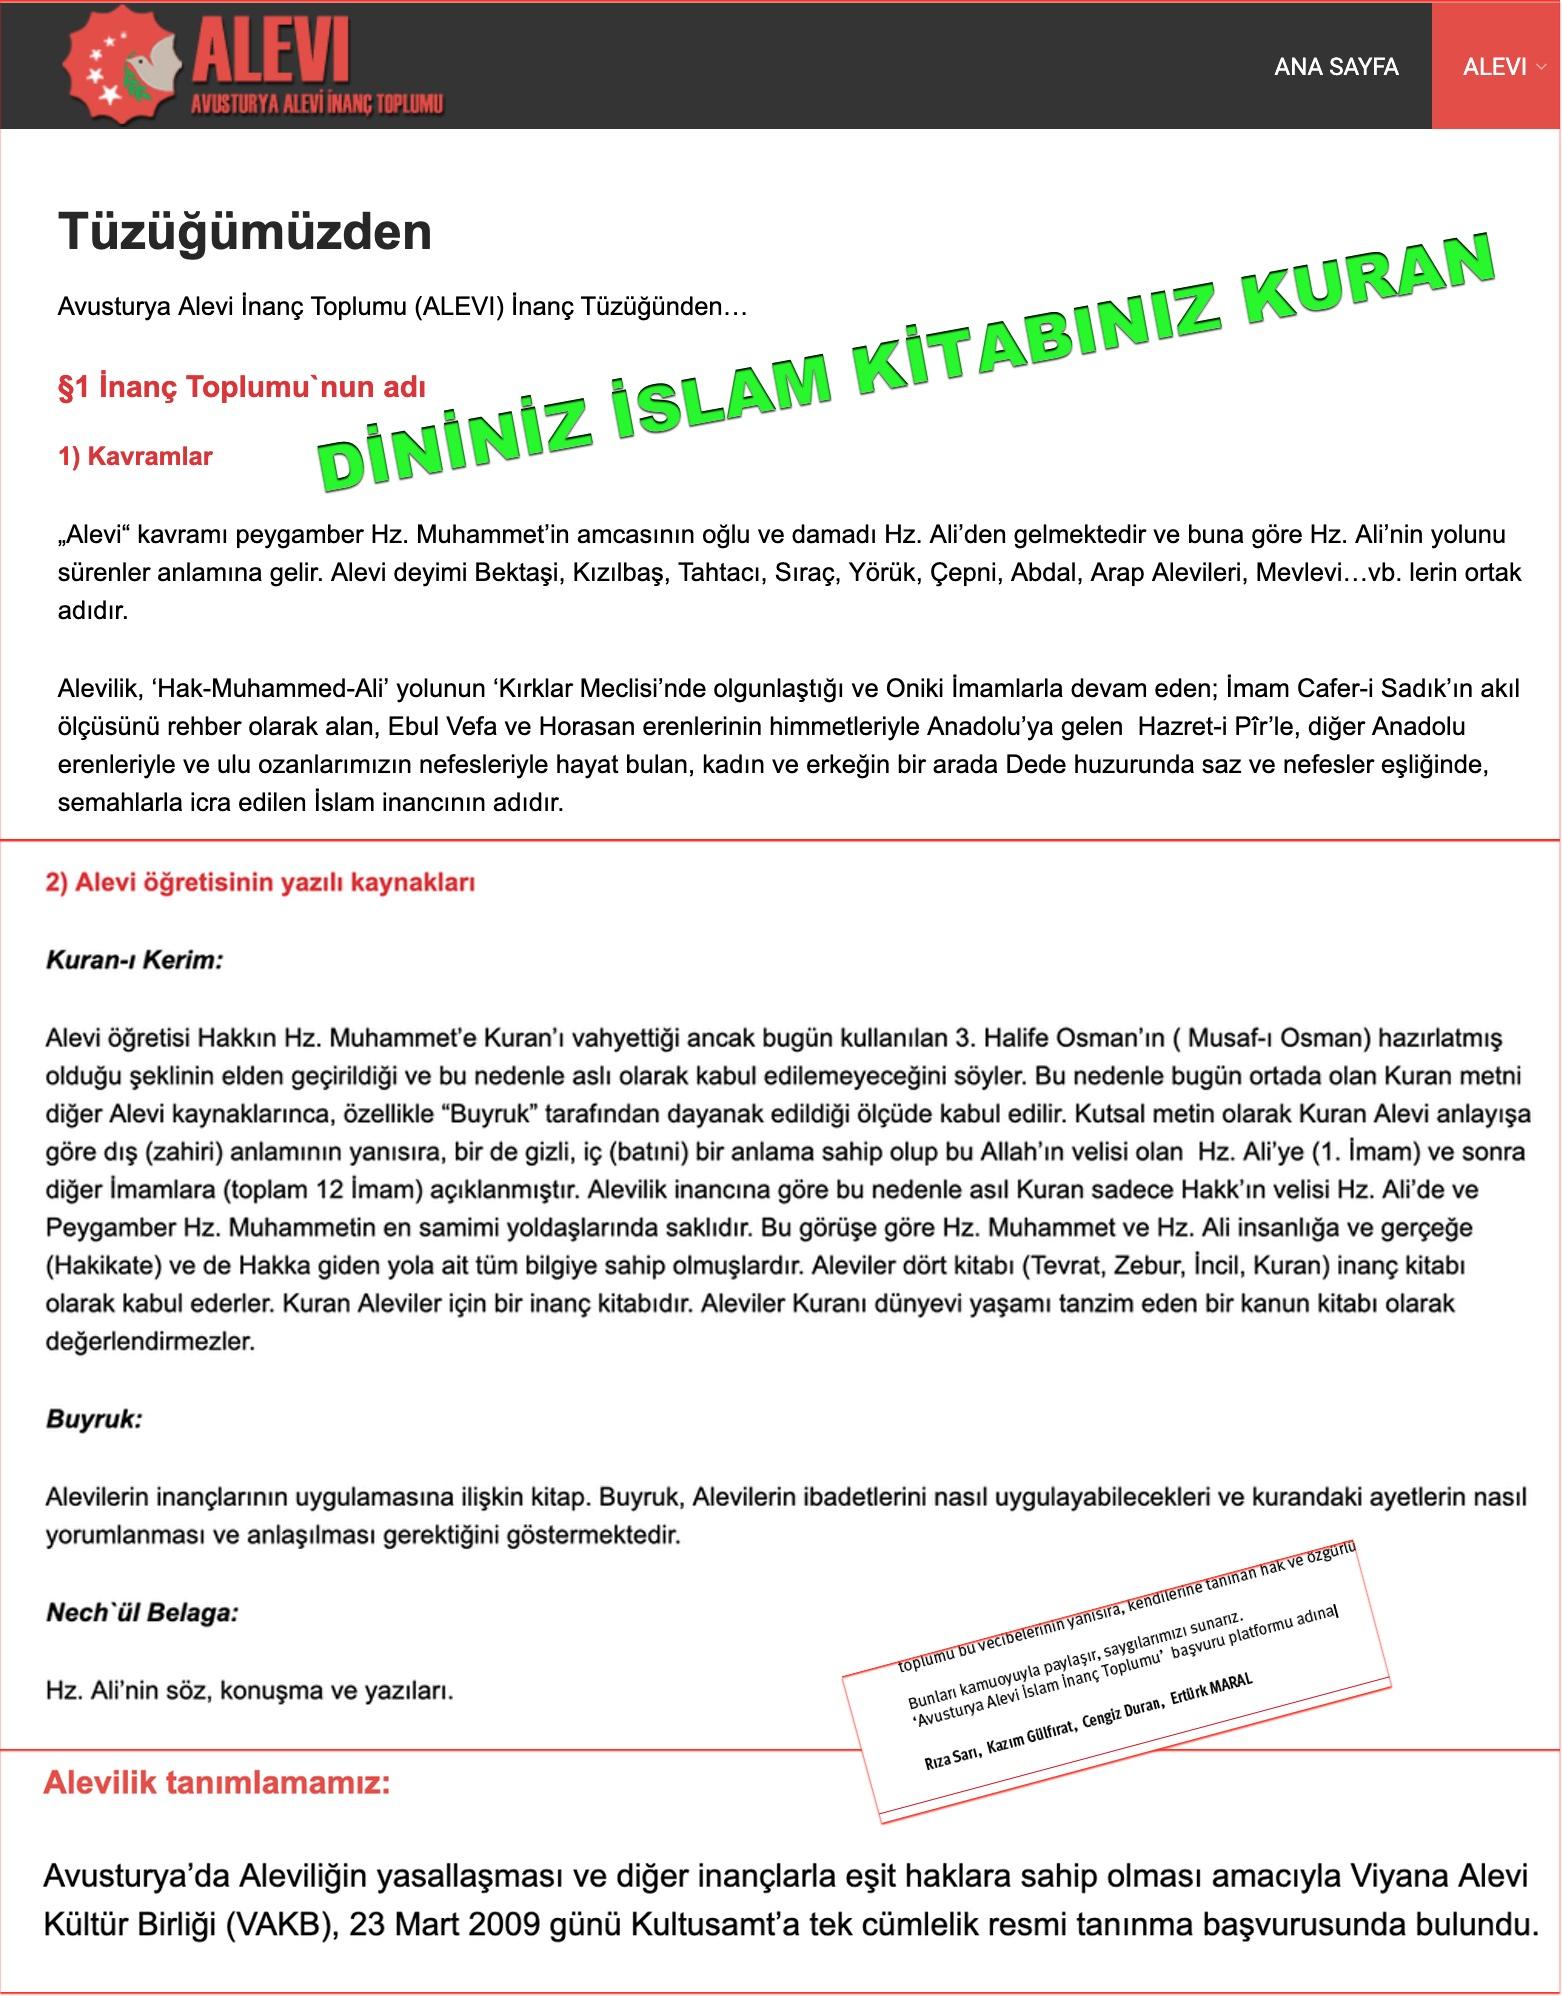 8 Avusturya Alevi islamcı Aleviler  DAB devrimci Aleviler Birliği  Dininiz islam kitabınız kuan